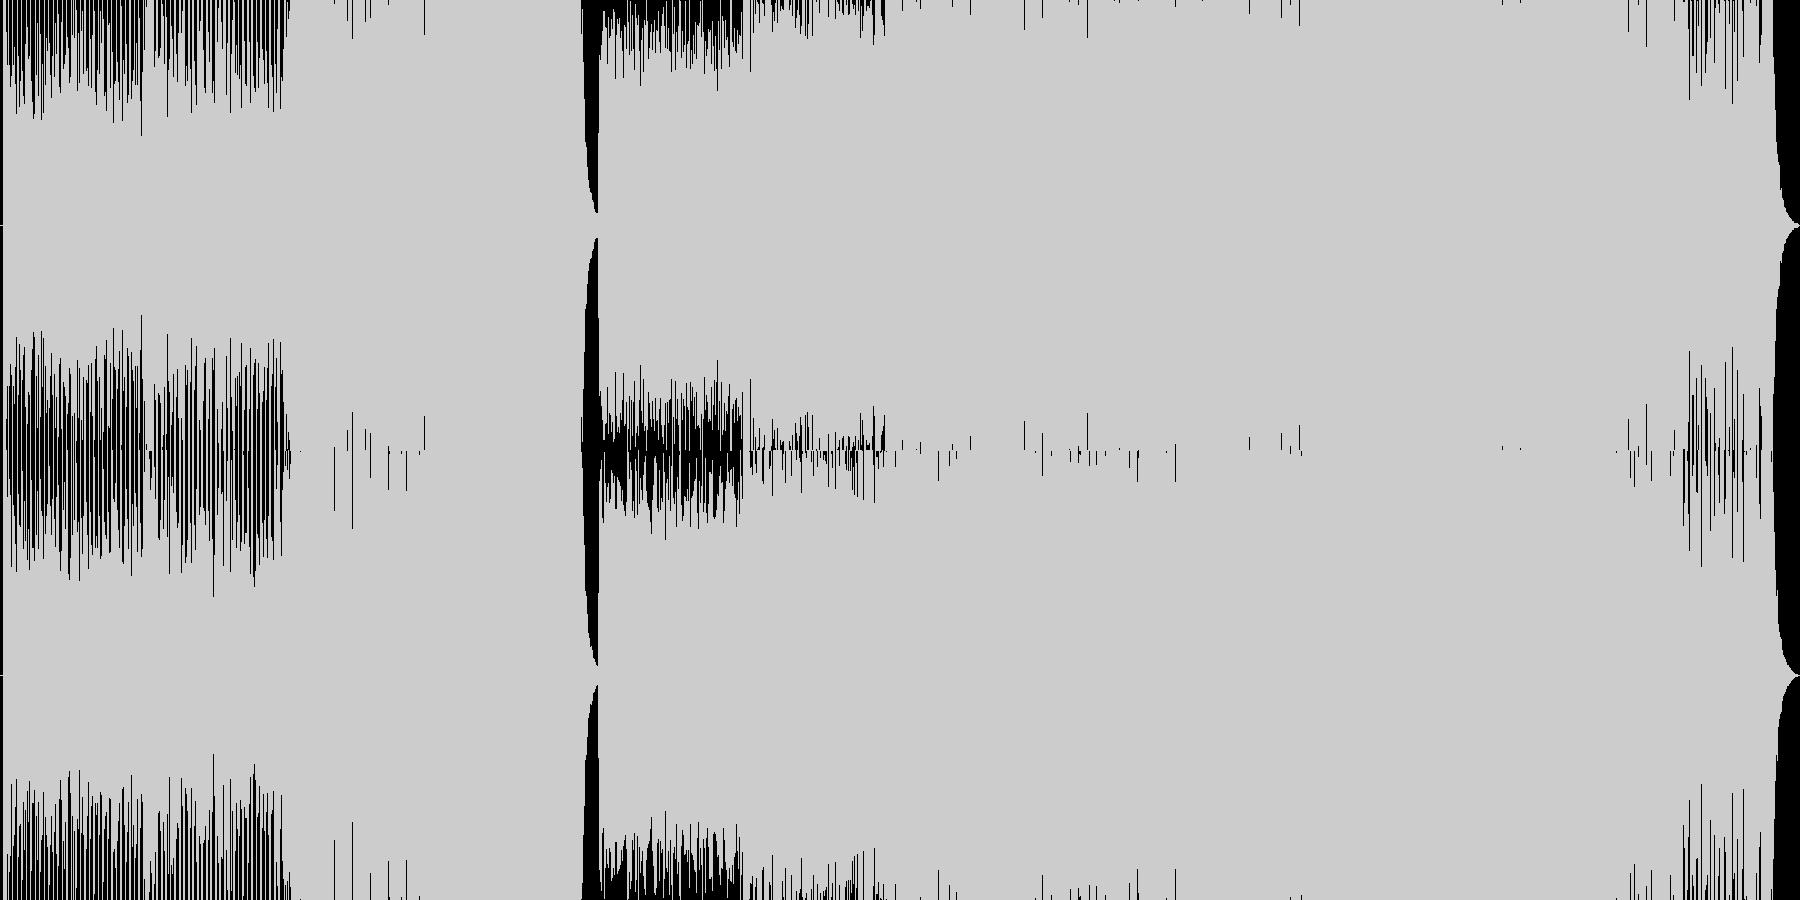 イベント・ゲームに似合うEDMの未再生の波形